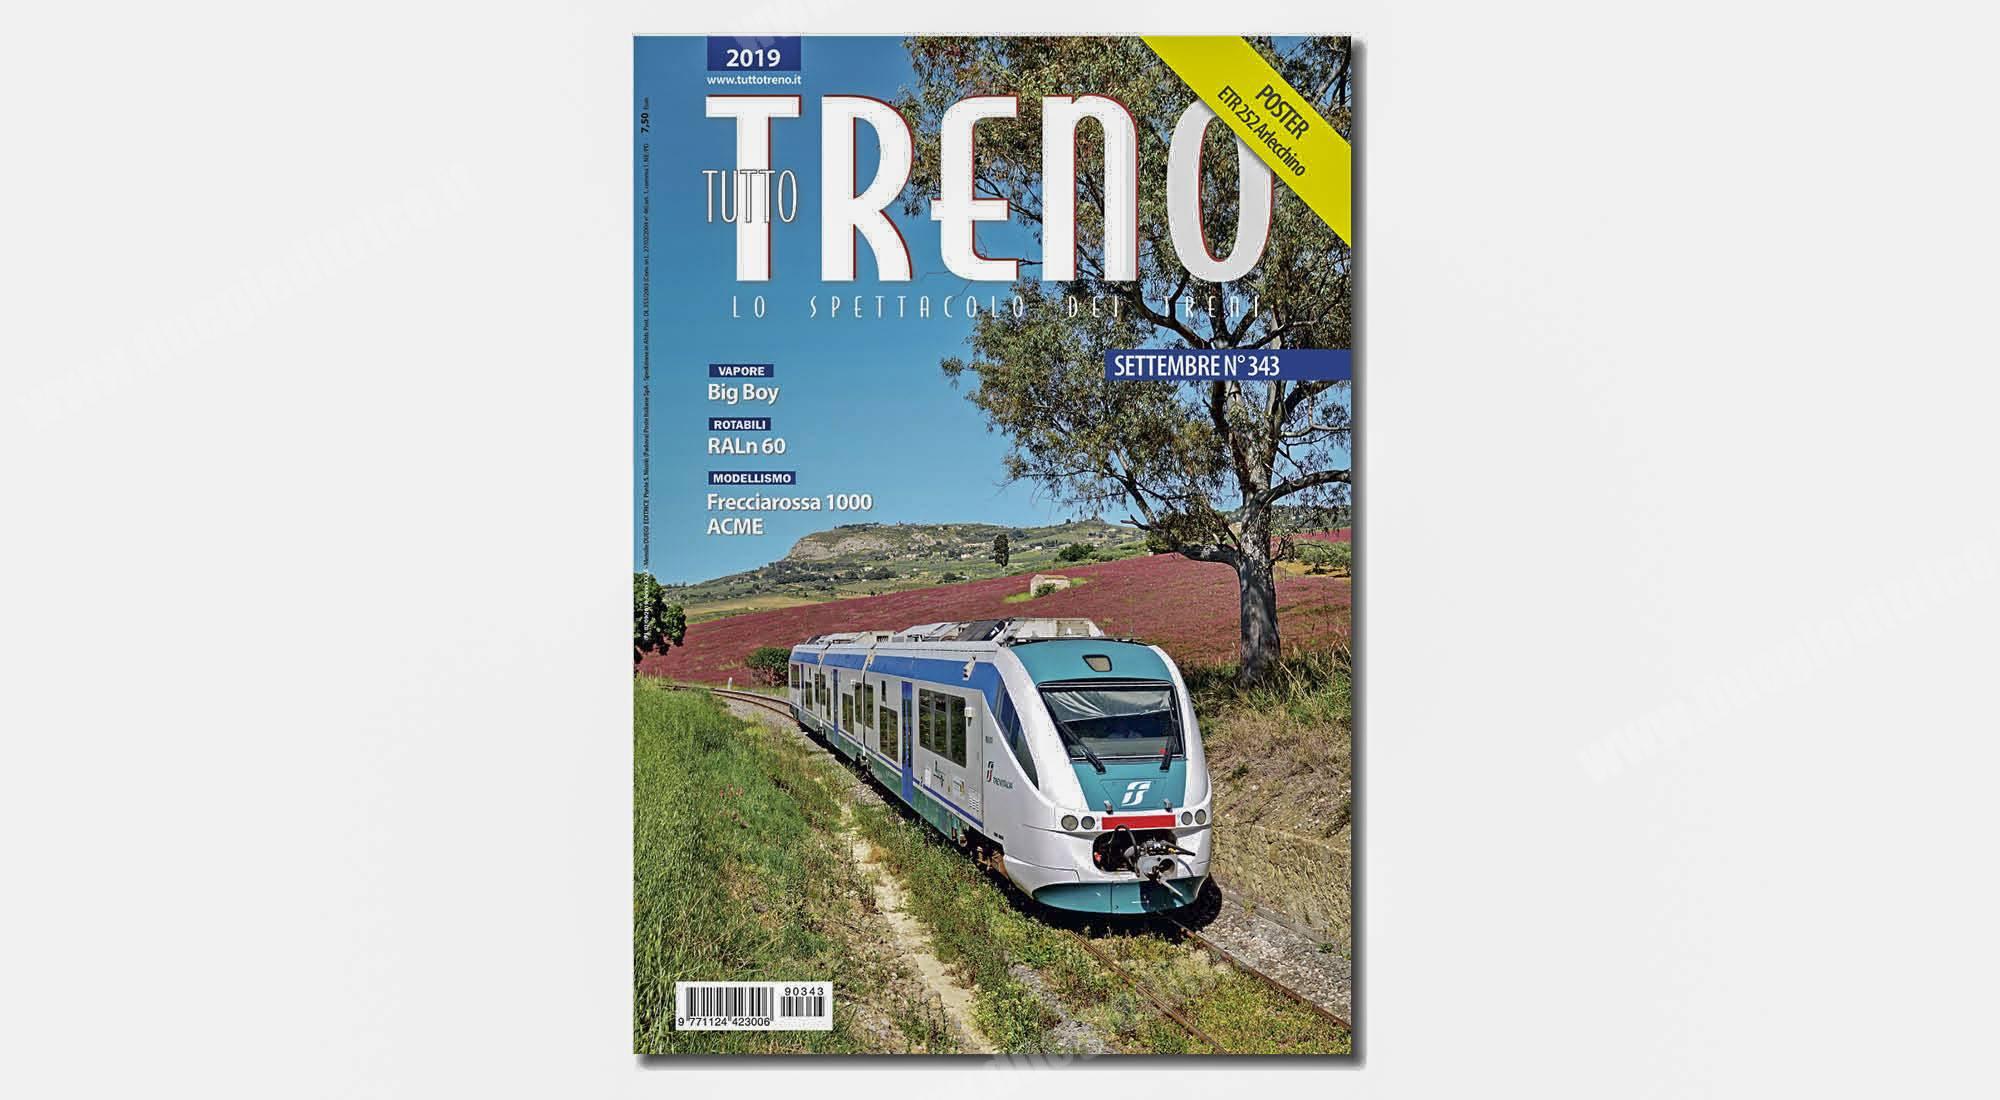 tT343-copertina-ok